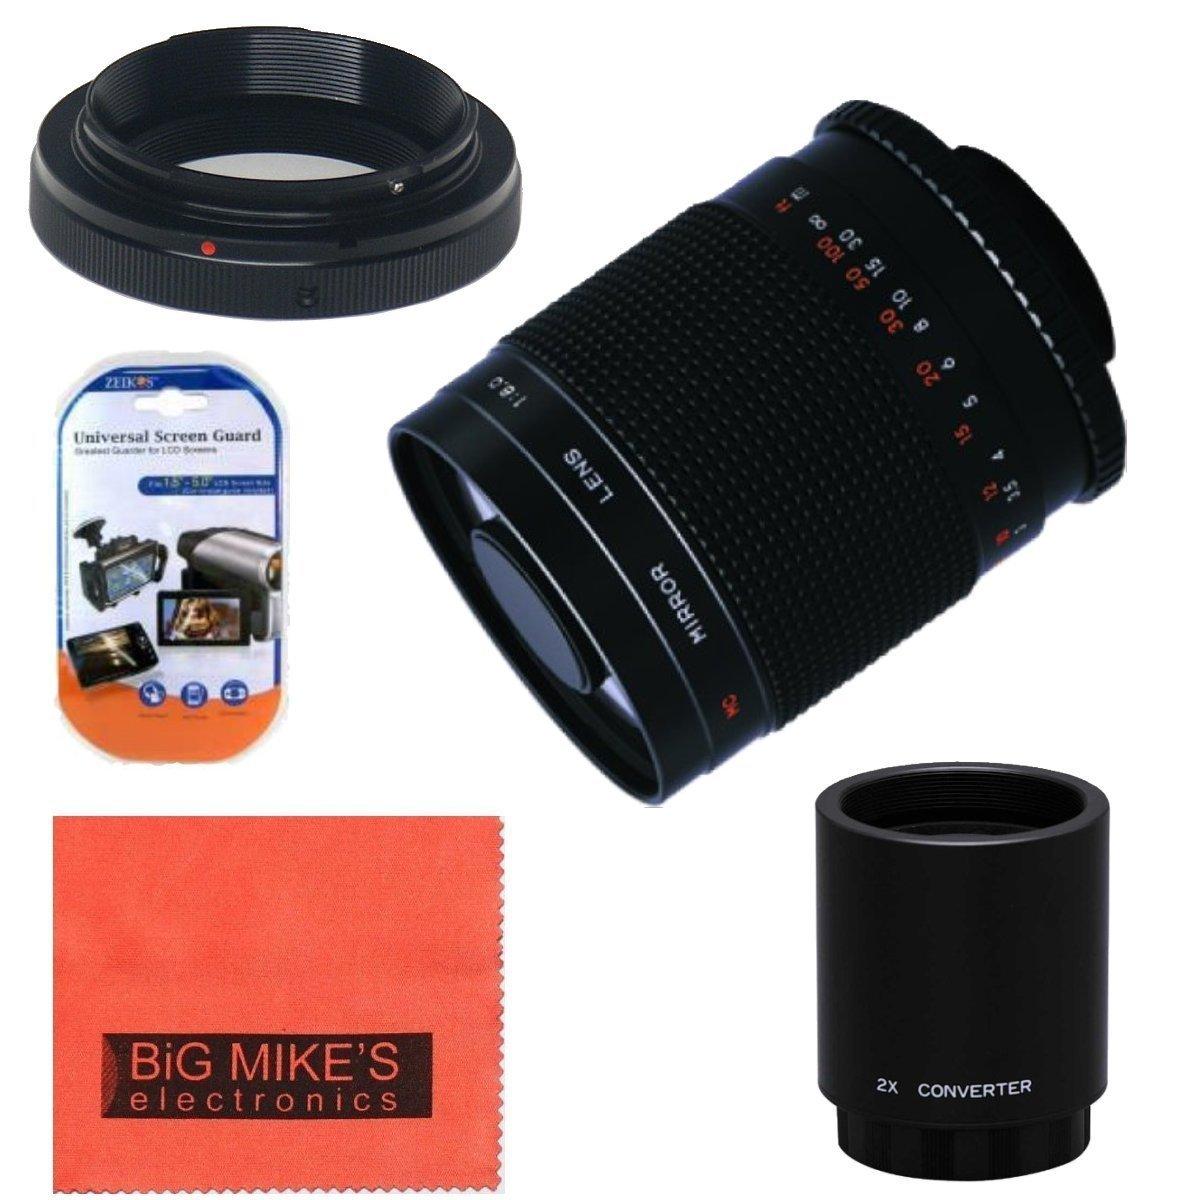 高電力500 mm f/ 8.0望遠ミラーレンズ+ EOS 2 x (Doubles EOS theにズーム1000 III、EOS mm) for CanonデジタルEOS Rebel t1i、t2i、t3、t3i、t4i、t5i、sl1 , EOS 60d, EOS 70d, EOS 80d、50d、40d、30d、EOS 5d、eos1d、eos5d III、EOS 6d、EOS 7dデジタルSLRカメラ B00KN6XEW2, 防災防犯の専門shop岩本商事:dc7ddaf8 --- ijpba.info